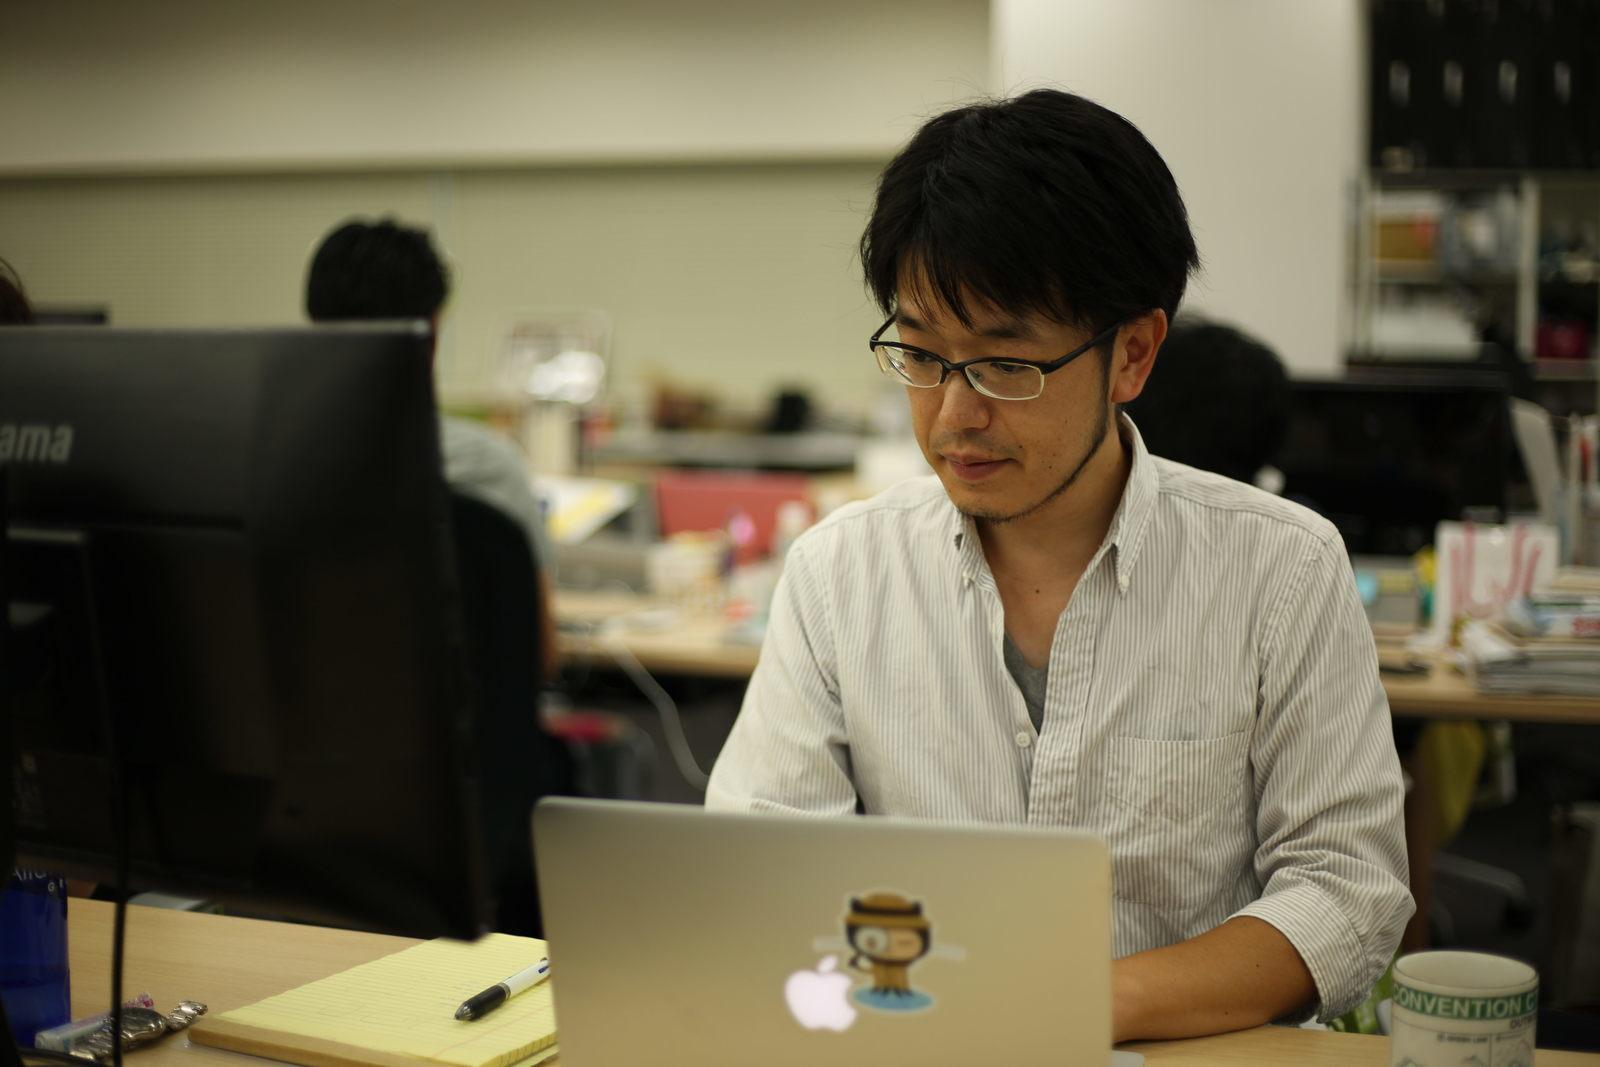 旧態依然の動画業界をテクノロジーで変えていく「Rubyエンジニア」を募集!〜オンライン動画制作支援システム「Viibar」の開発&新規事業開発〜